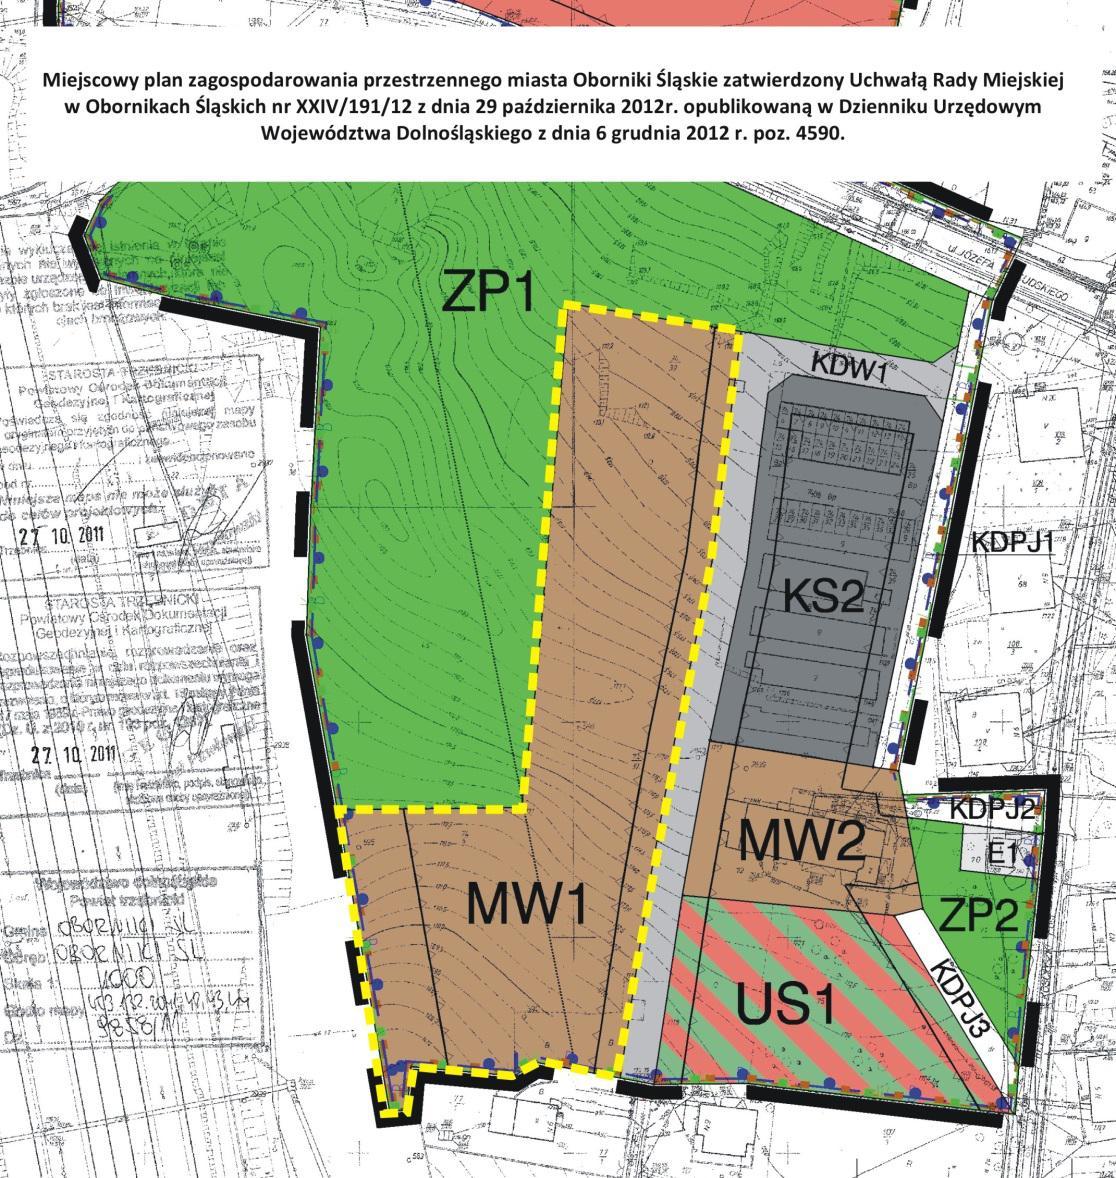 Miejscowy plan zagospodarowania przestrzennego miasta Oborniki Śląskie